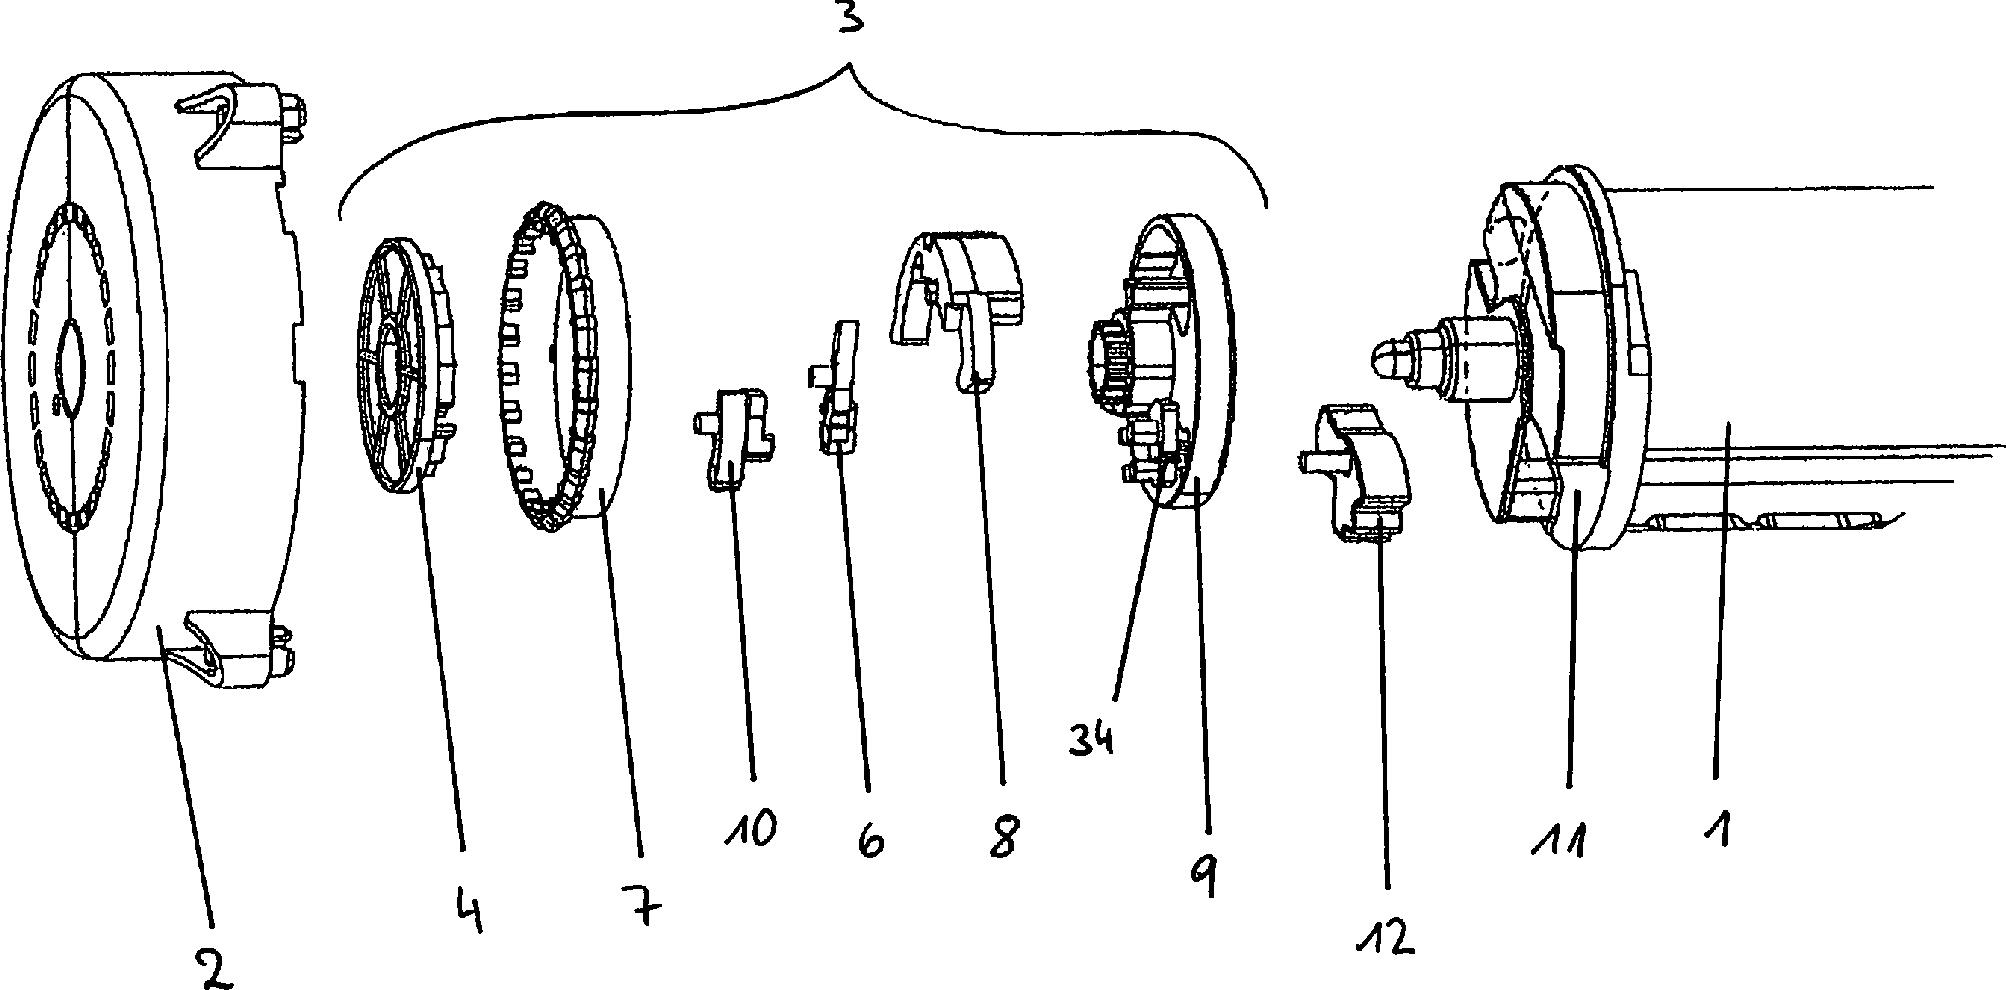 Figure DE102008052563B4_0001